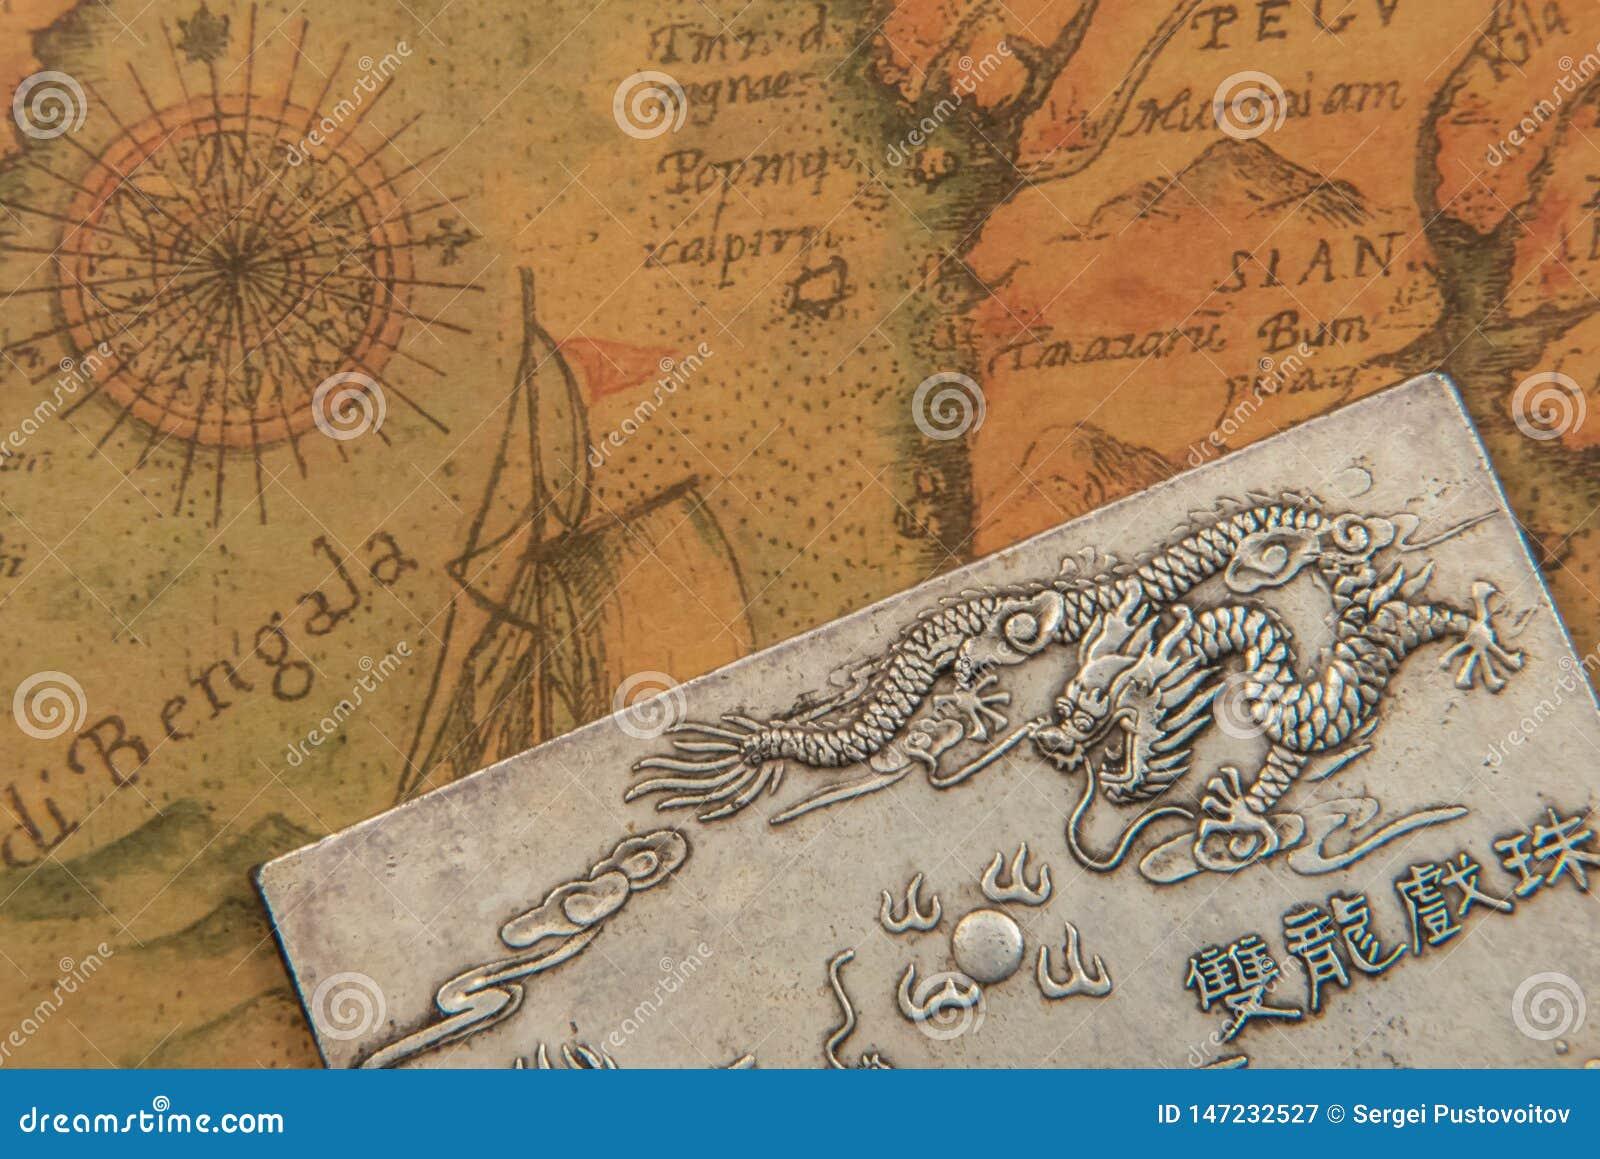 Placa de prata antiga com os drag?es de combate no mapa do mundo antigo do oriental-estilo